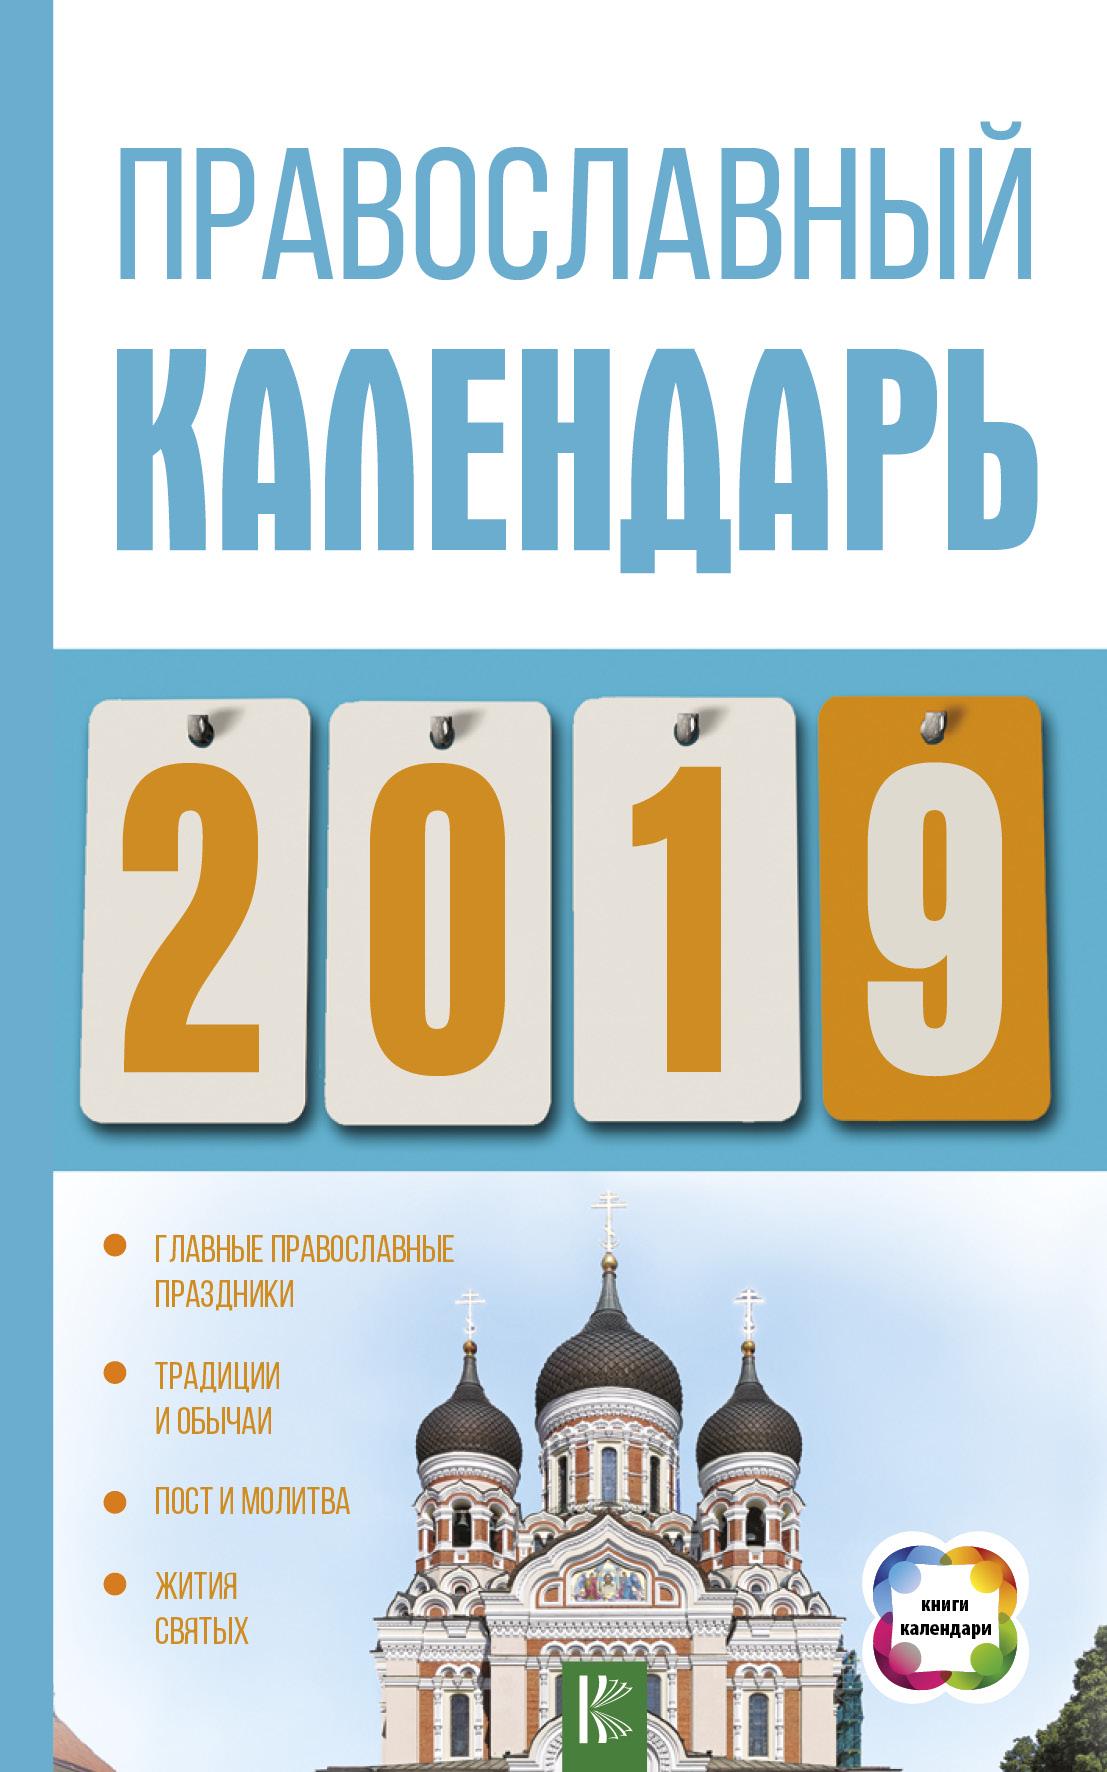 Хорсанд Д.В. Православный календарь на 2019 год рыбаков в м на будущий год в москве